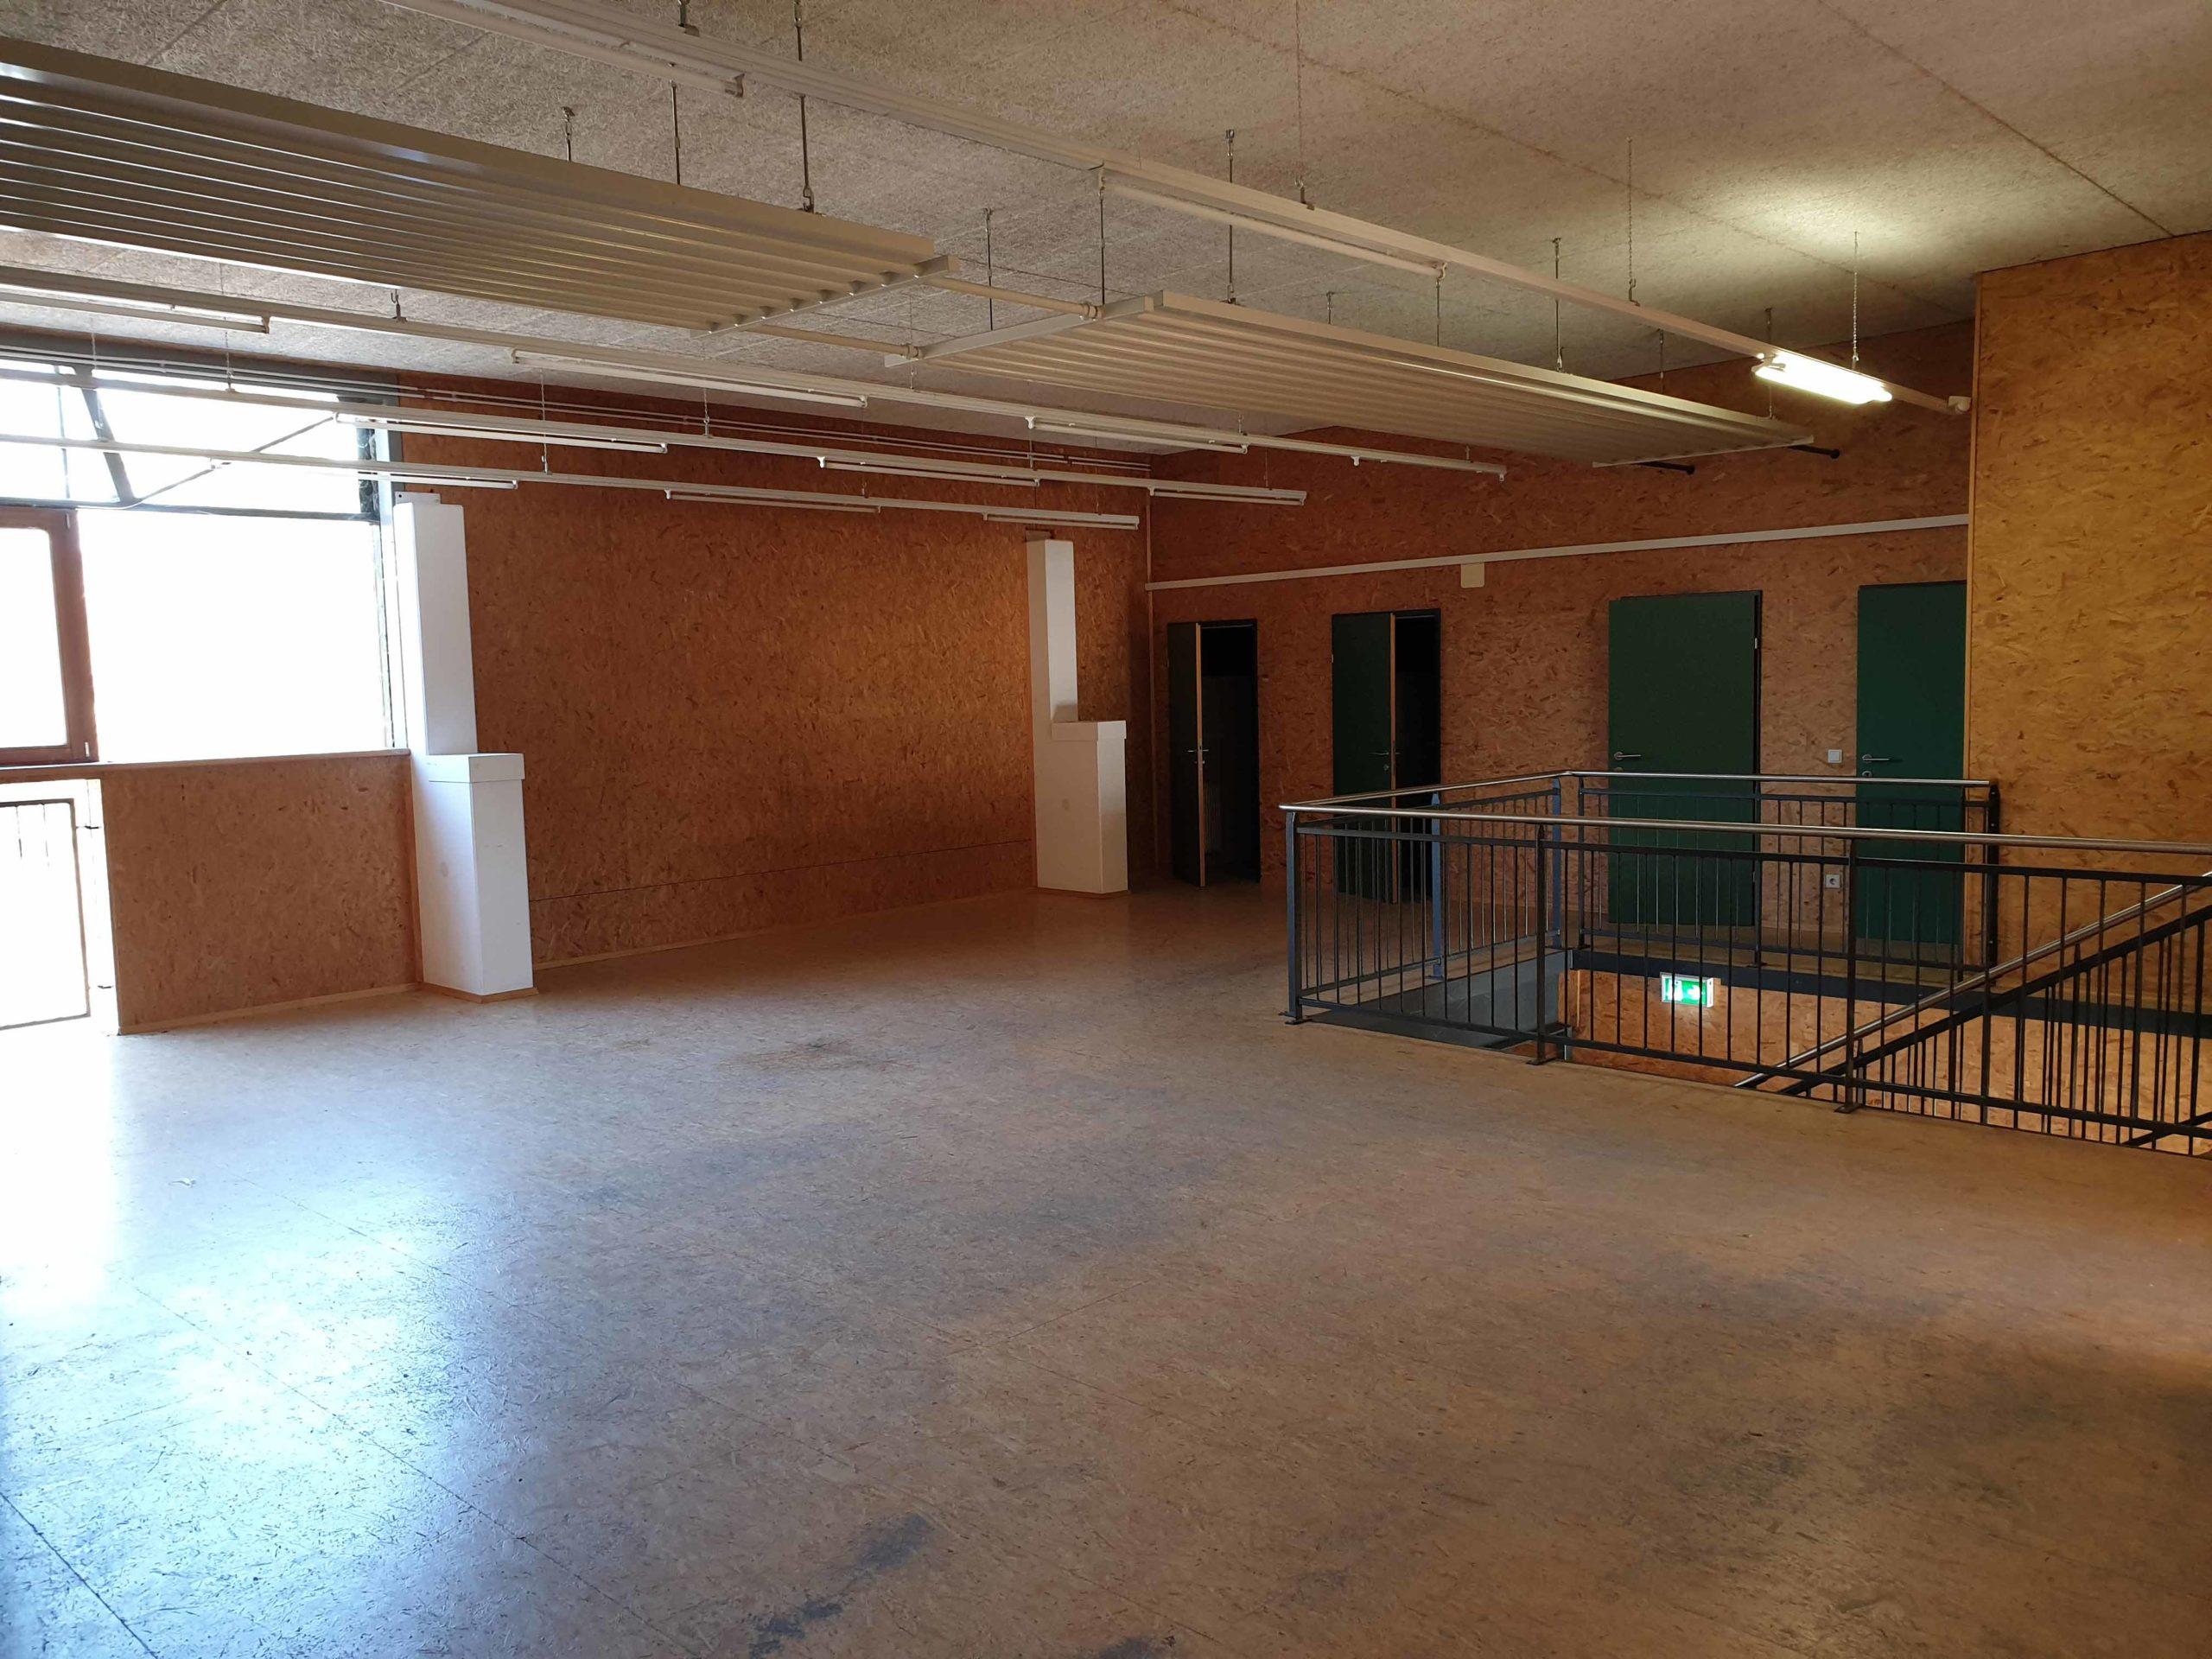 Bürofläche oder Lagerfläche in der Solarhalle West am Ökopark Hartberg